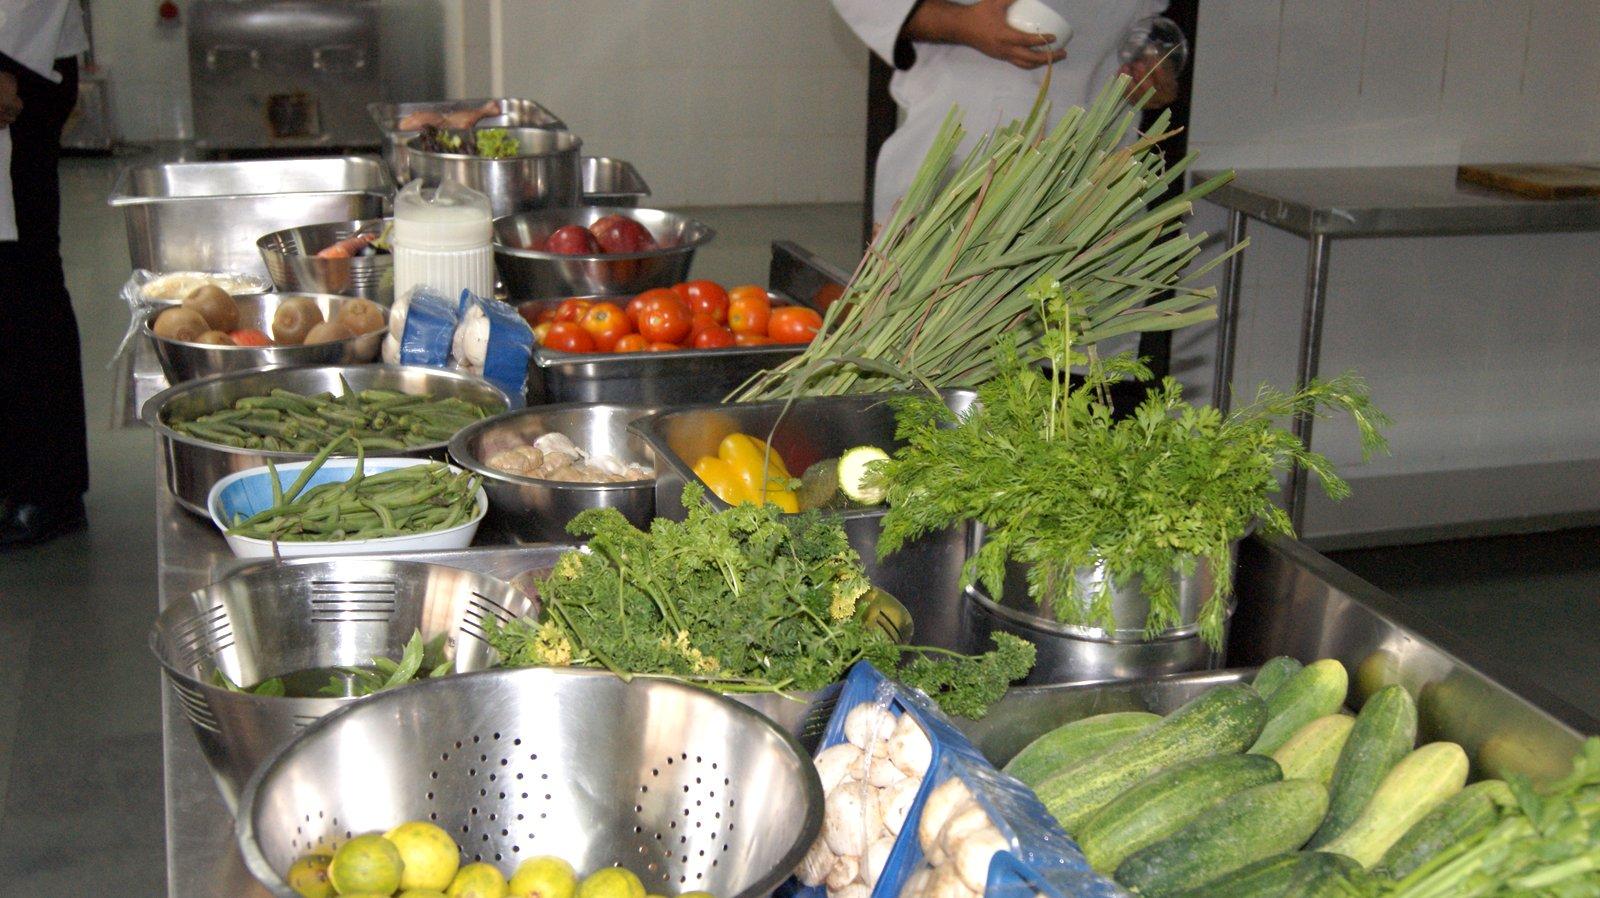 Vedatya Rising Star Chef 11 April 2017 (175).JPG